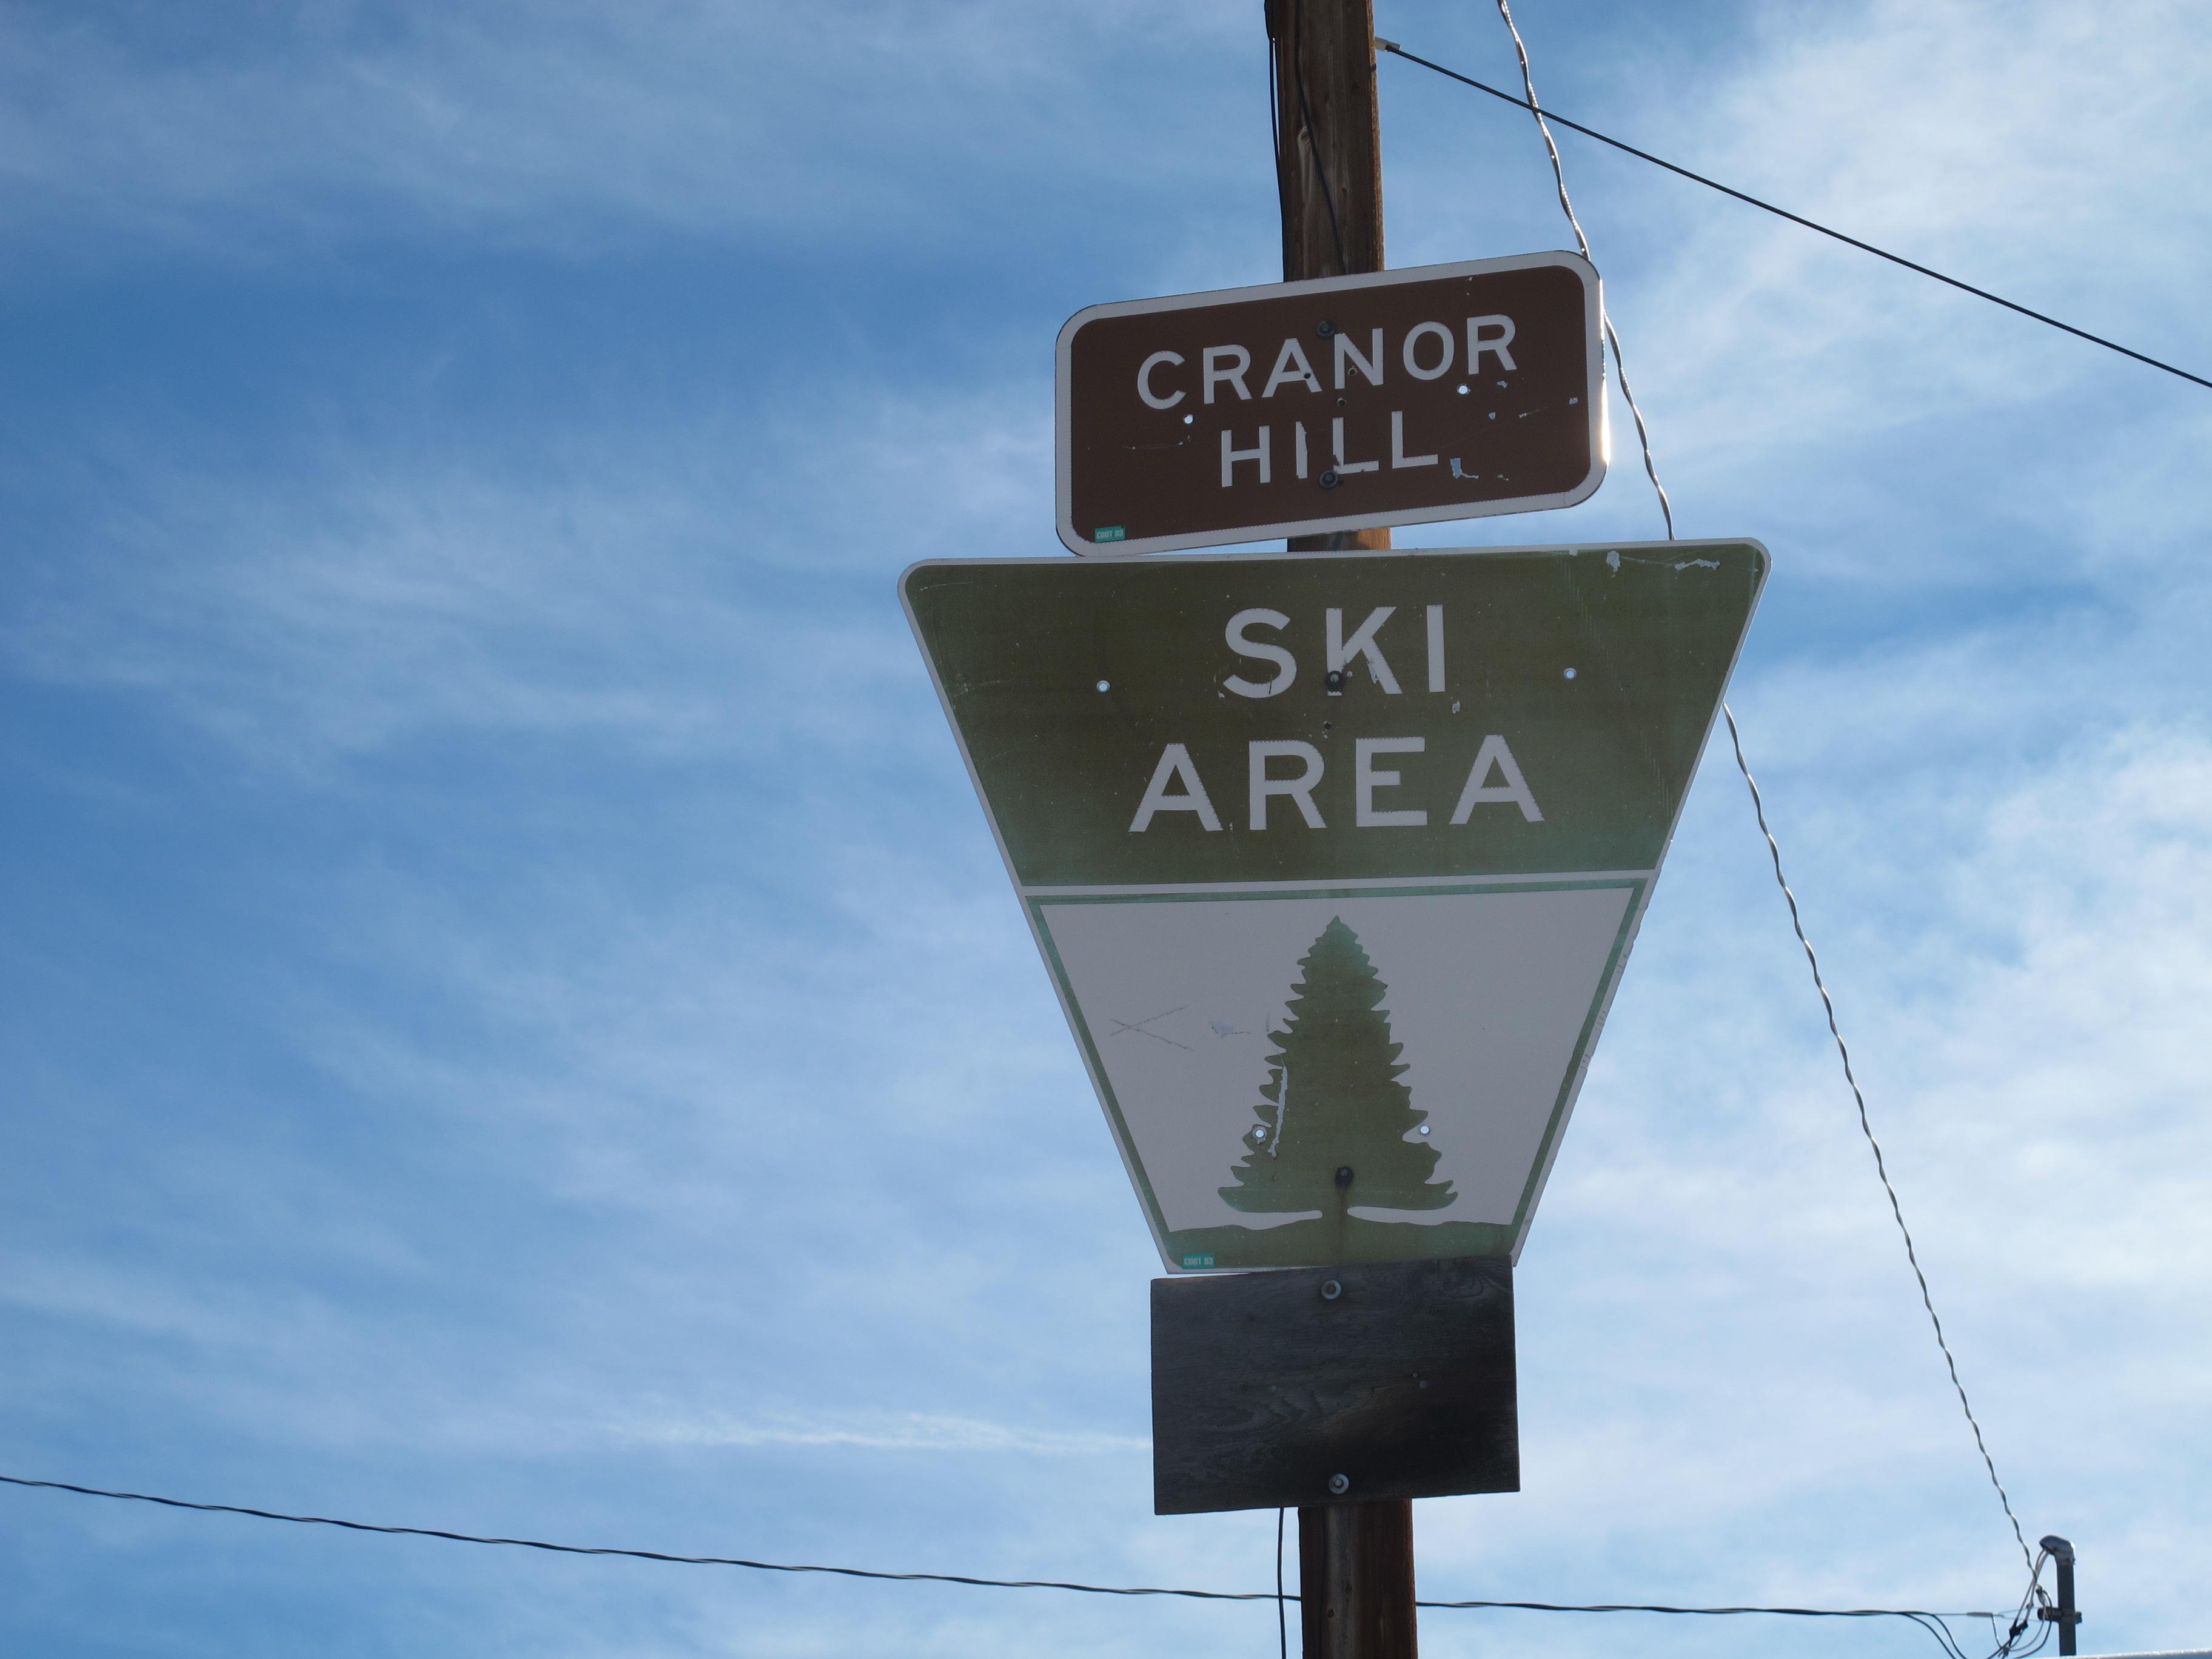 Cranor Hill ski area